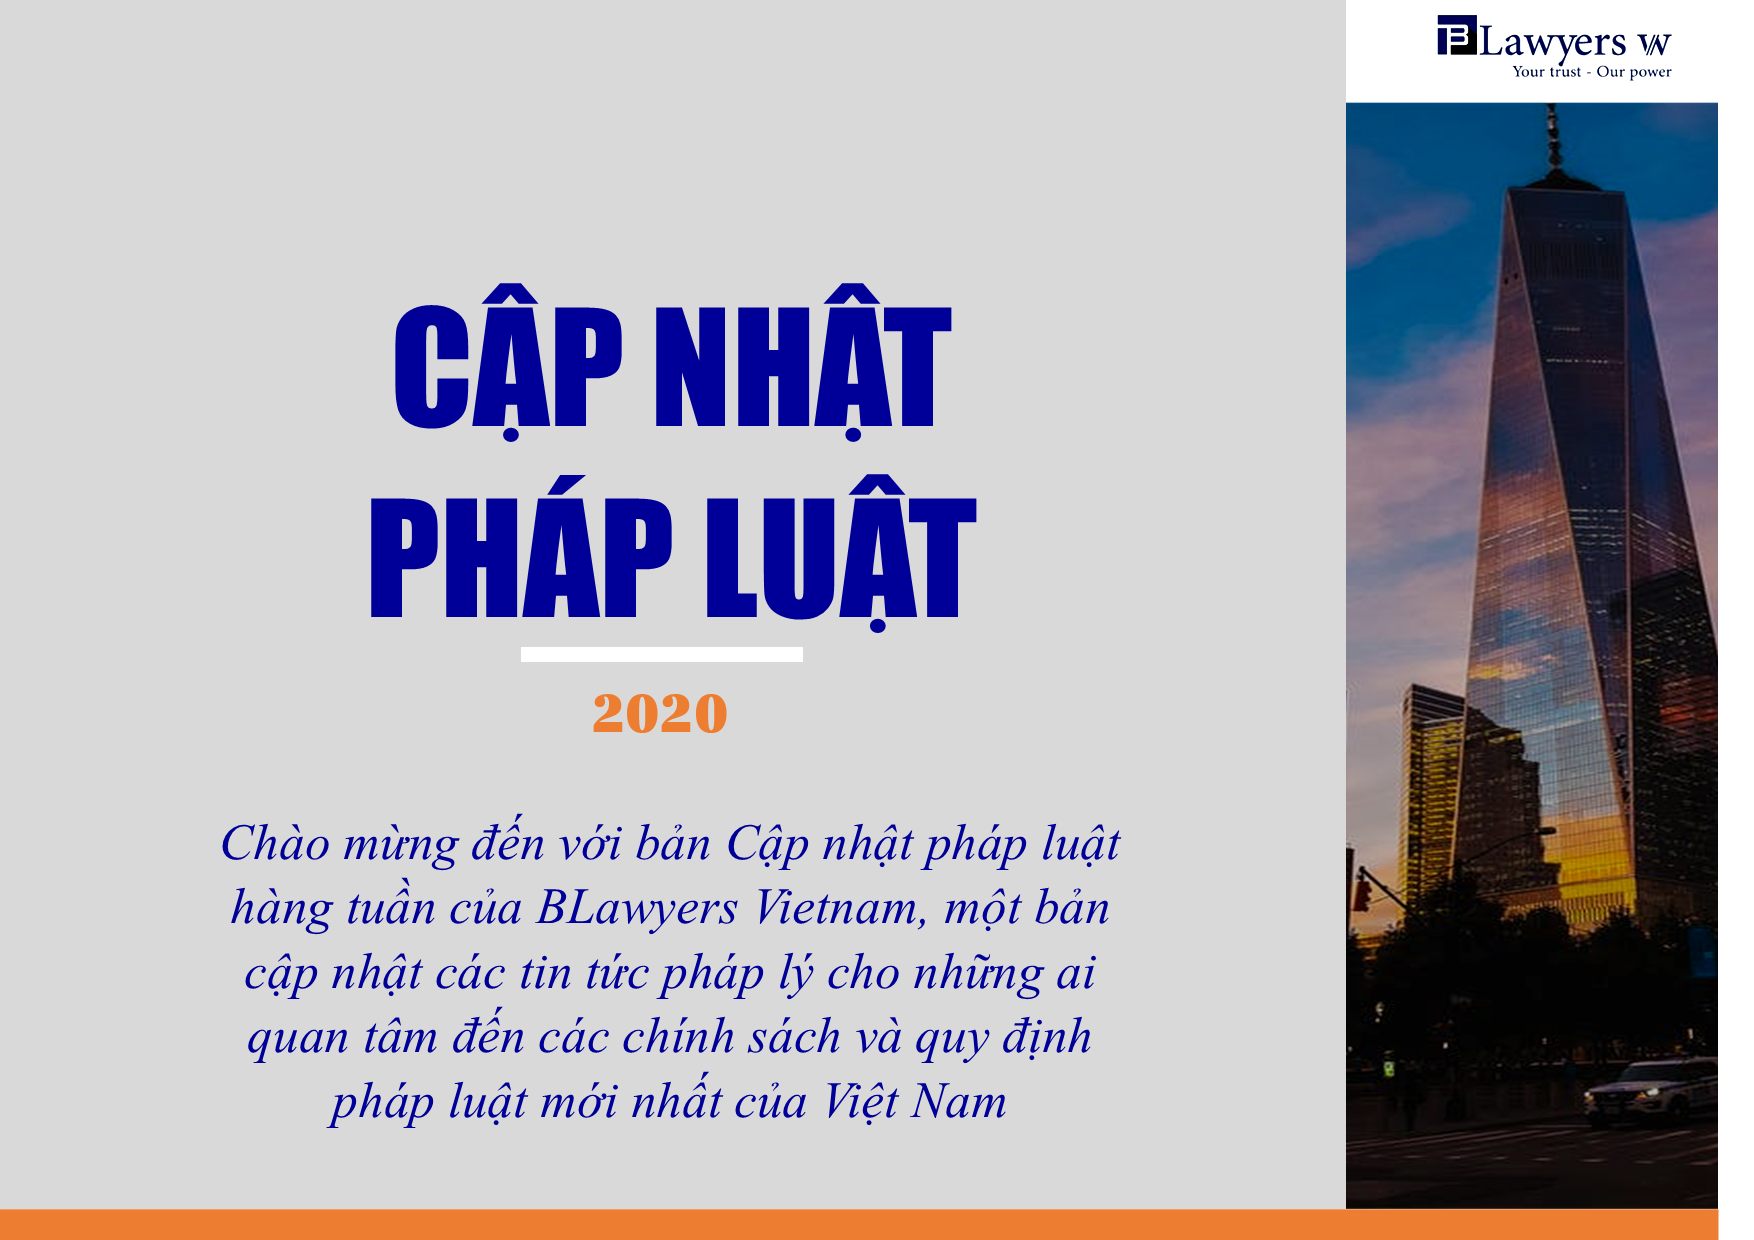 Cập nhật pháp luật Việt Nam